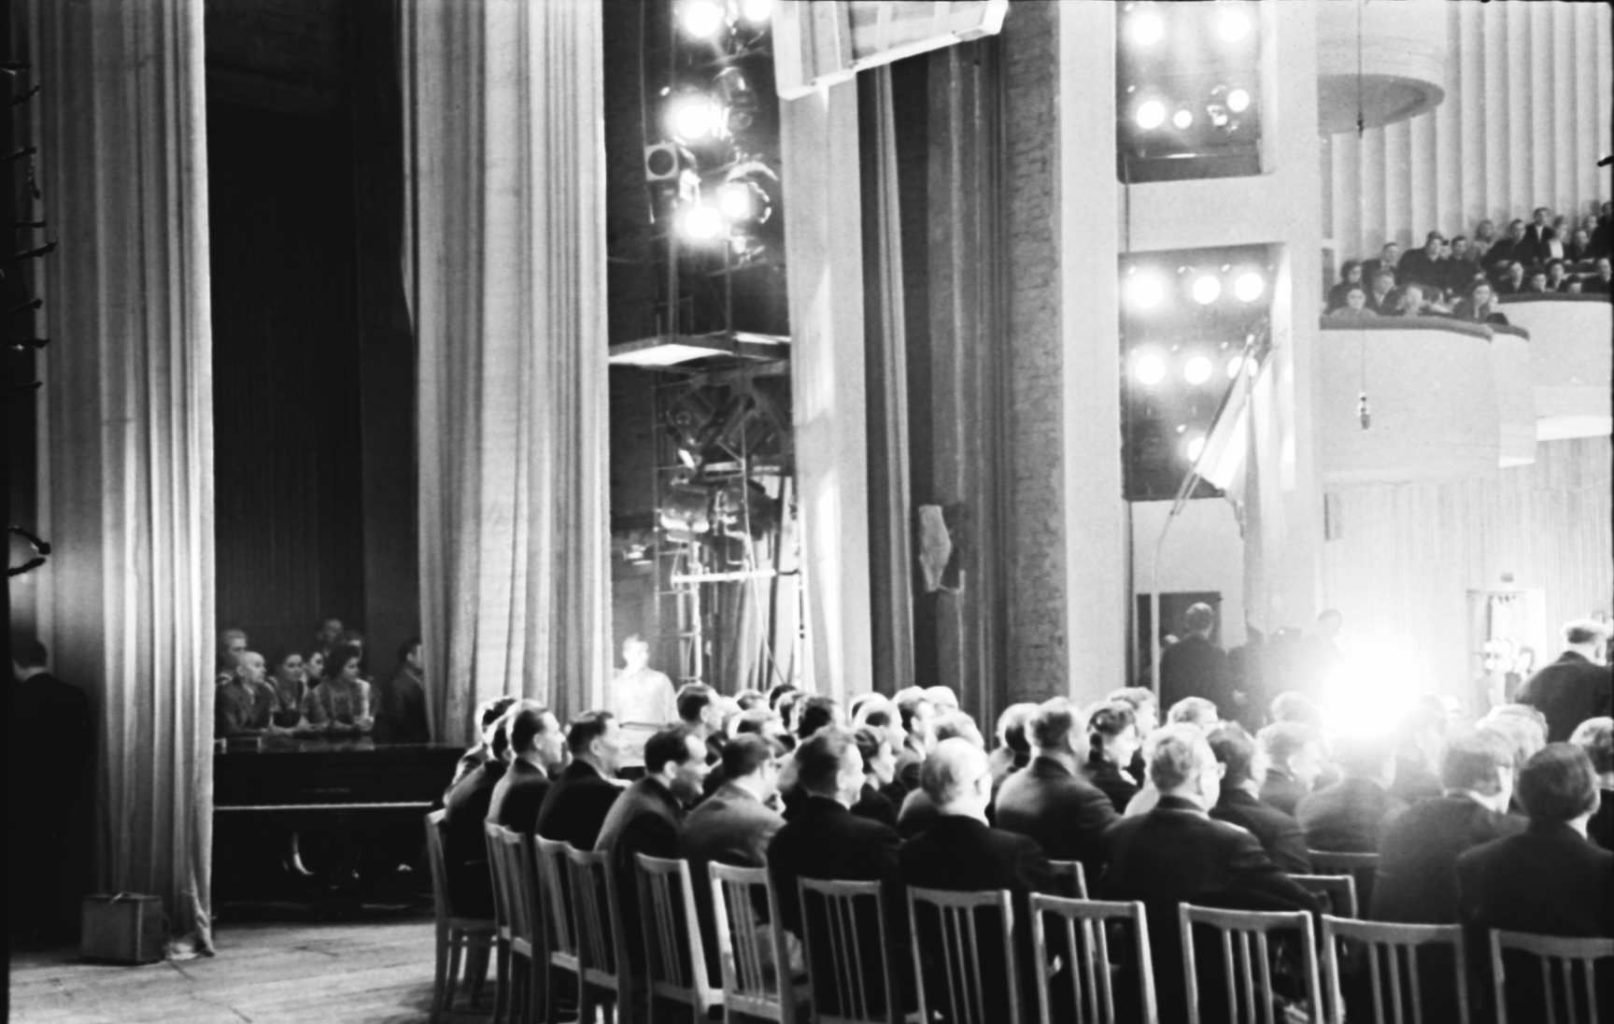 Зал заседания на сцене театра музкомедии, во время открытия фестиваля белорусского искусства в РСФСР, 1966 г.: фотография